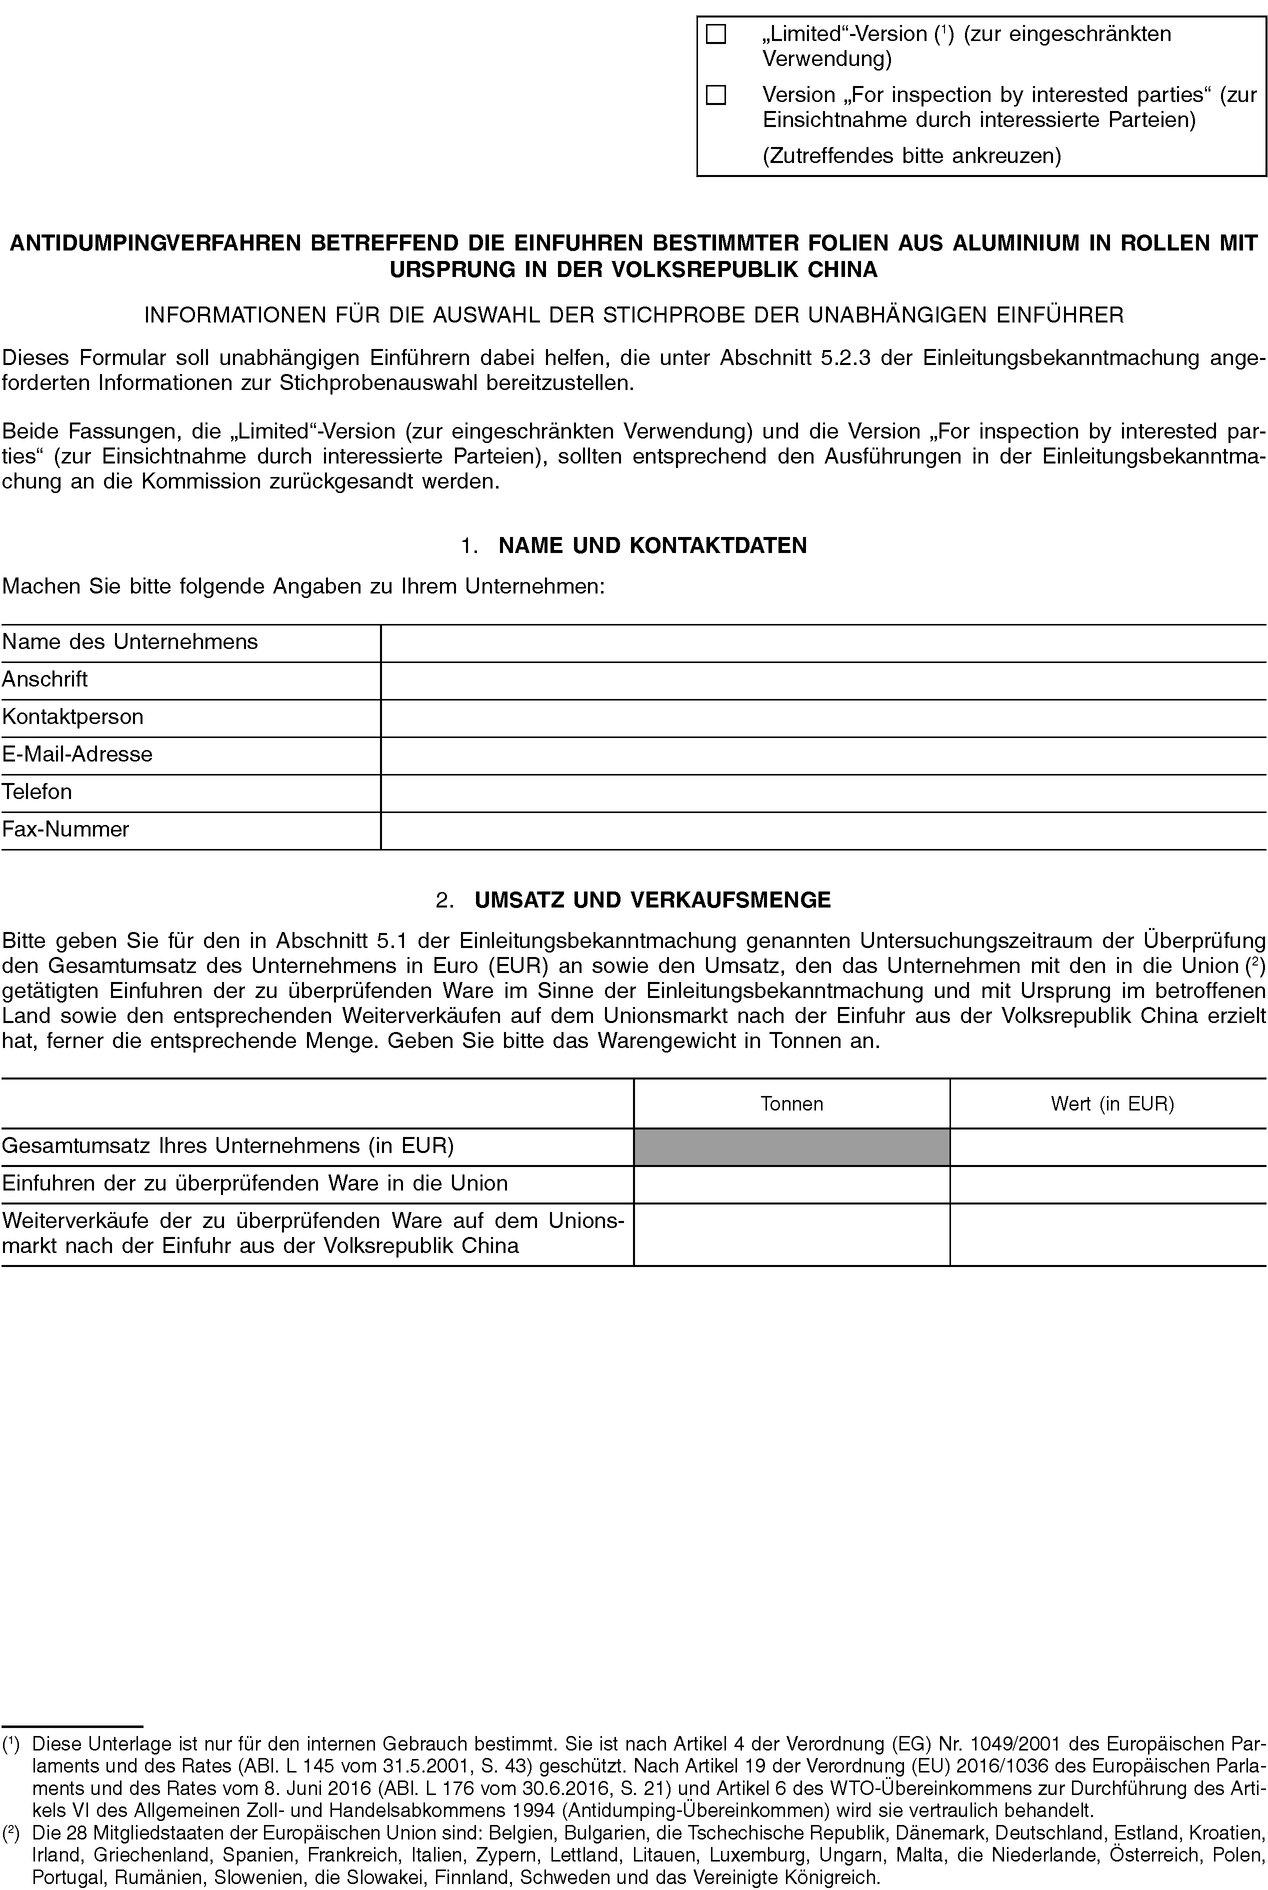 Großzügig Xhtml Vorlage Zeitgenössisch - Entry Level Resume Vorlagen ...